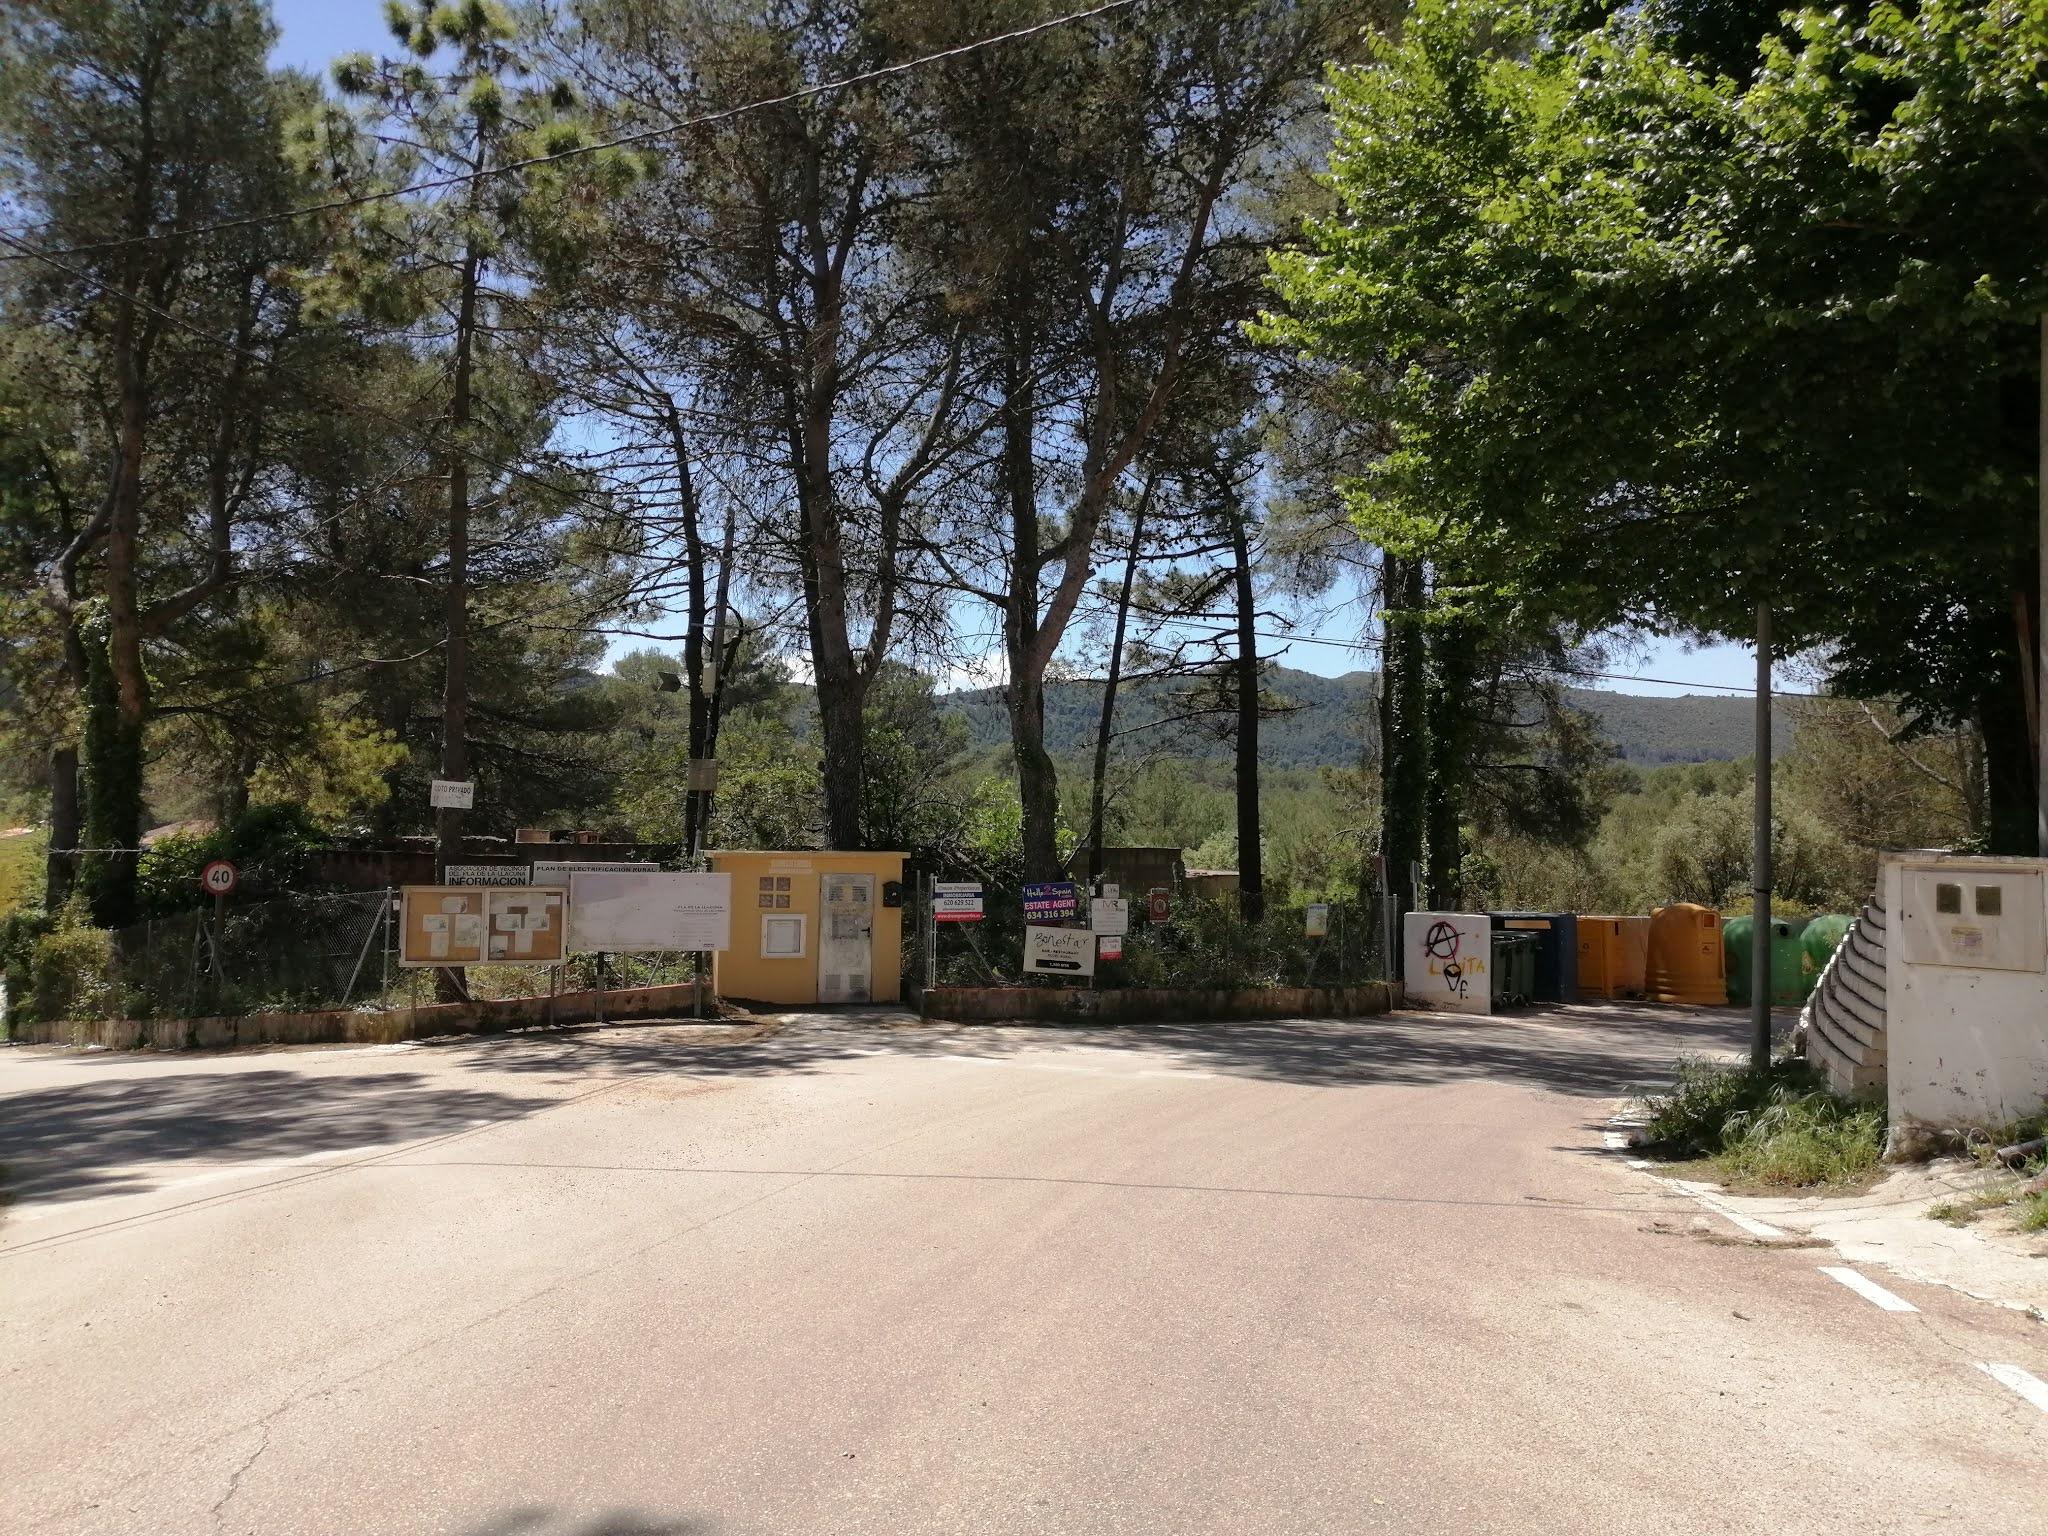 Entrance to la Llacuna, Valencia, Spain